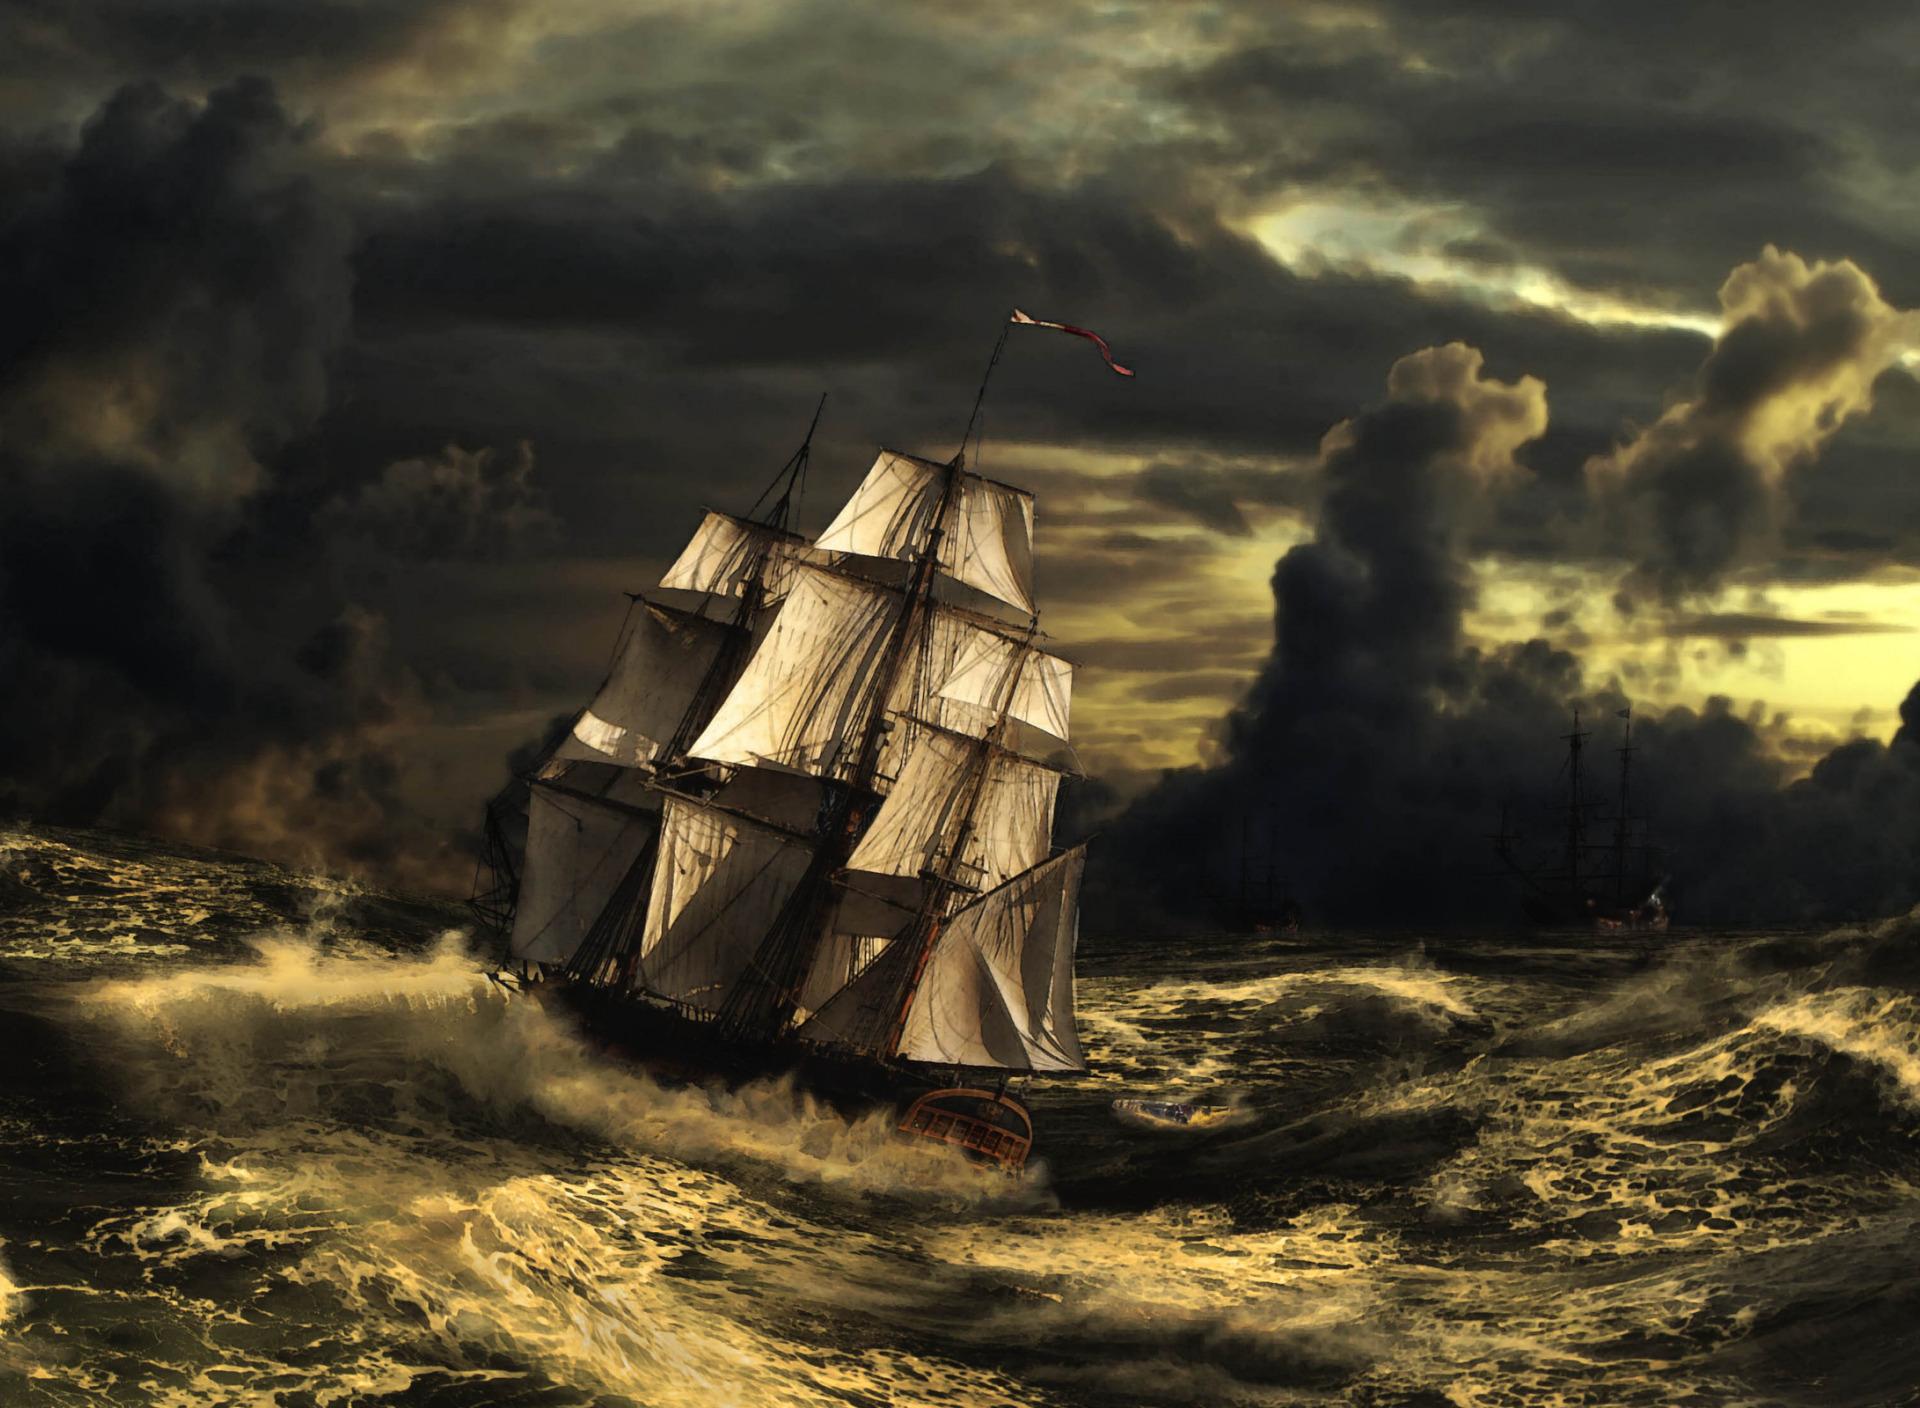 картинки пиратских парусников в шторм солнечной